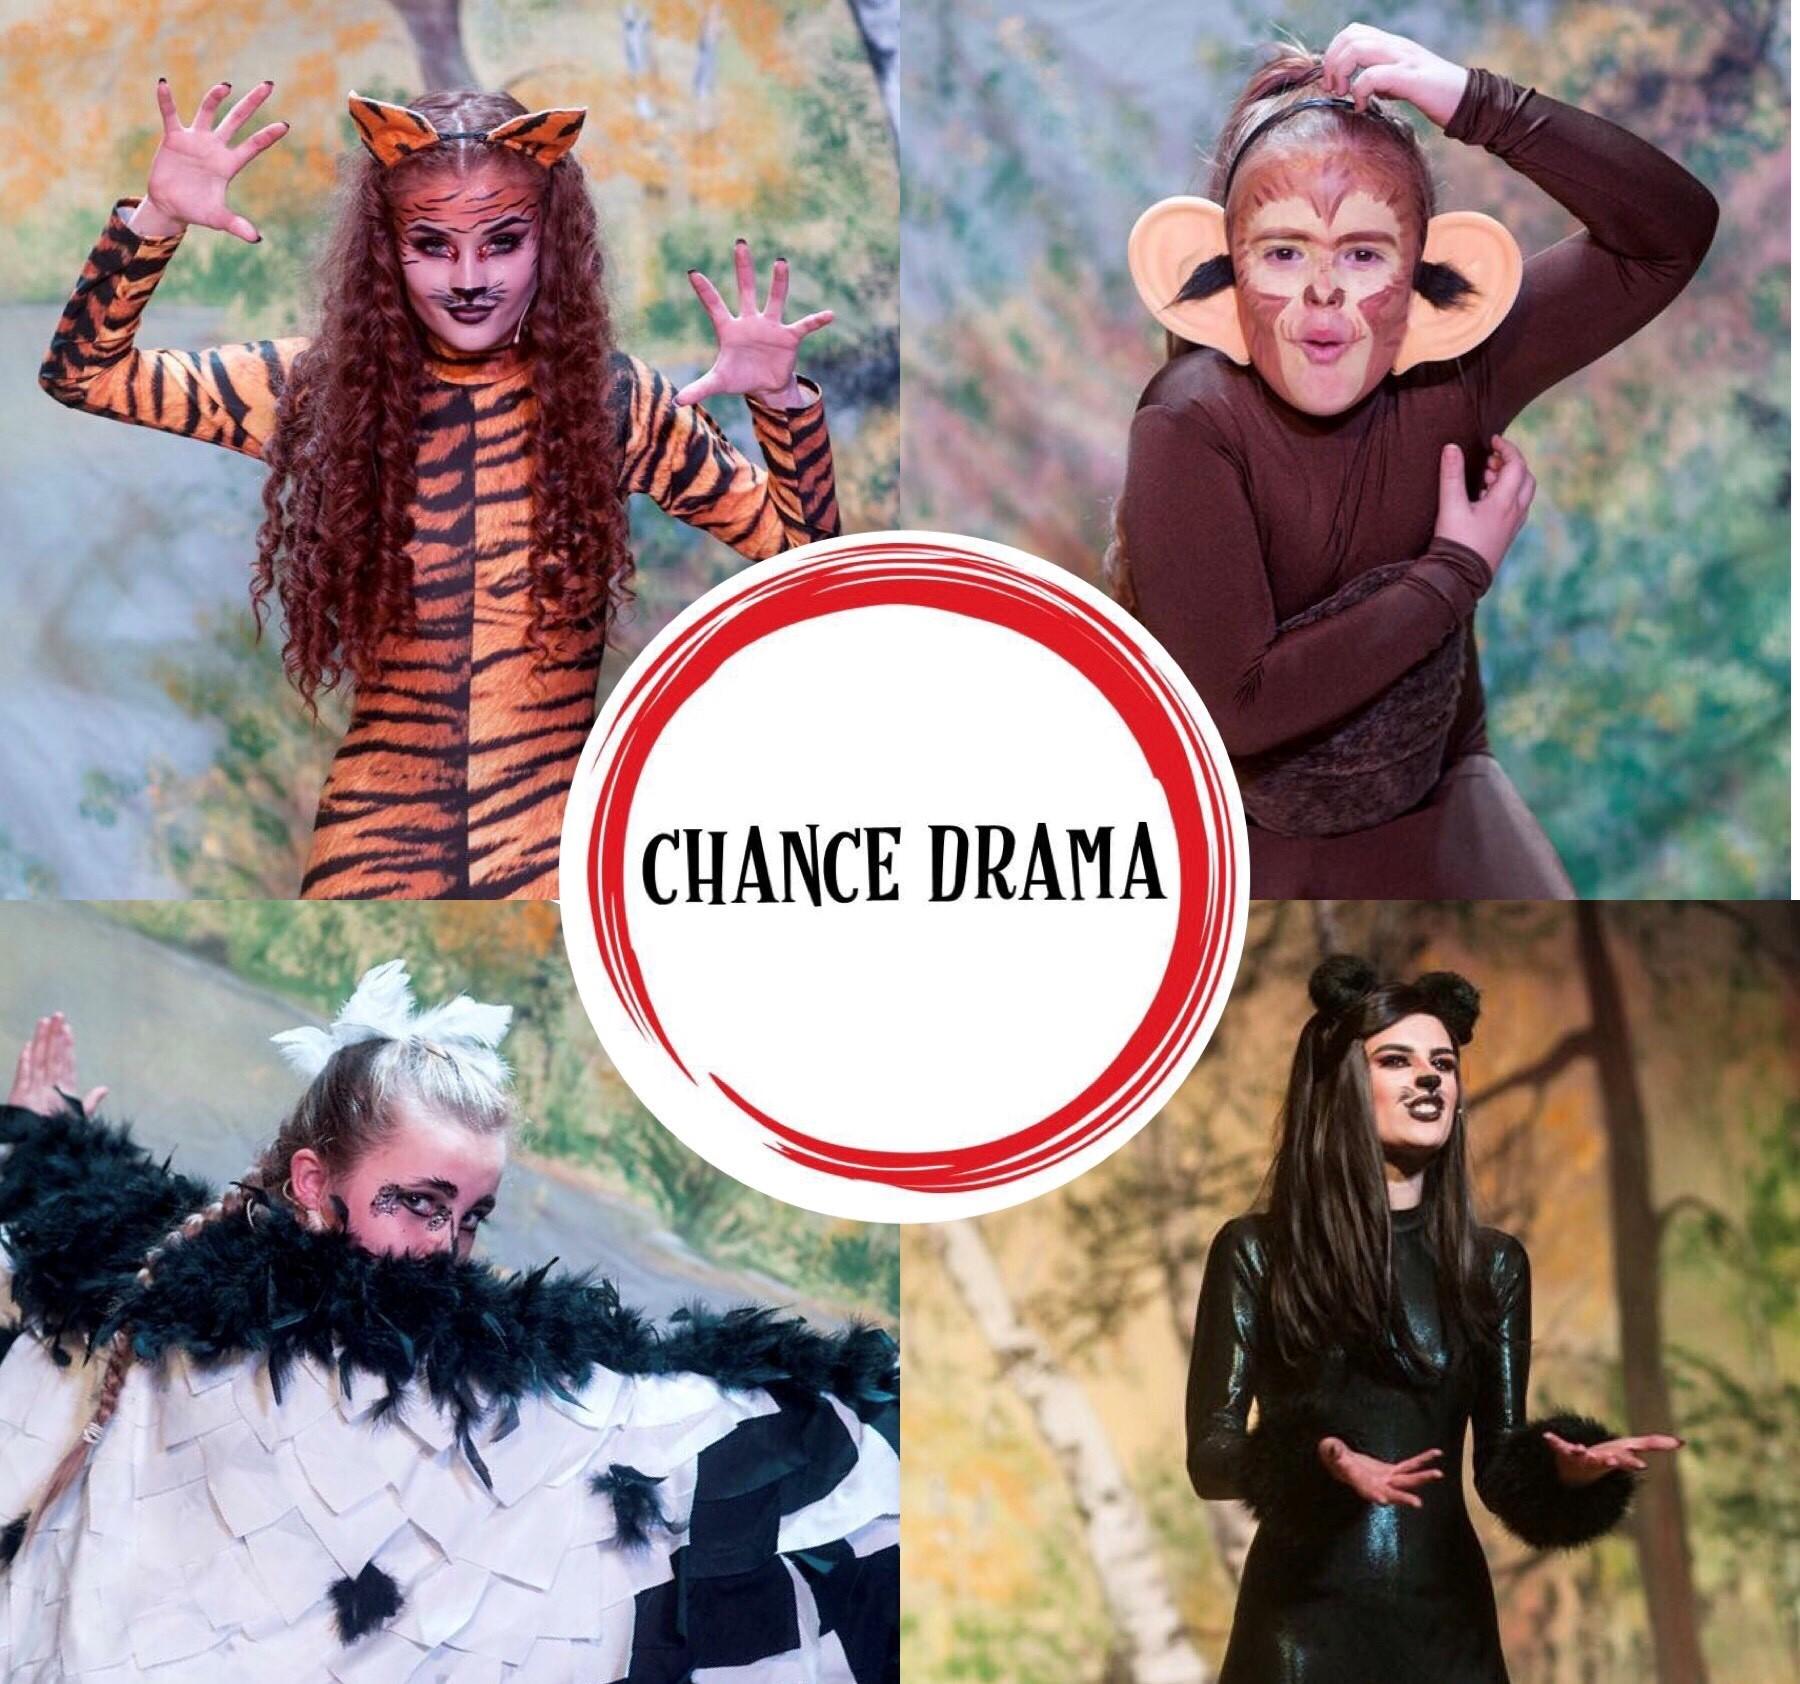 Take a Chance on Drama